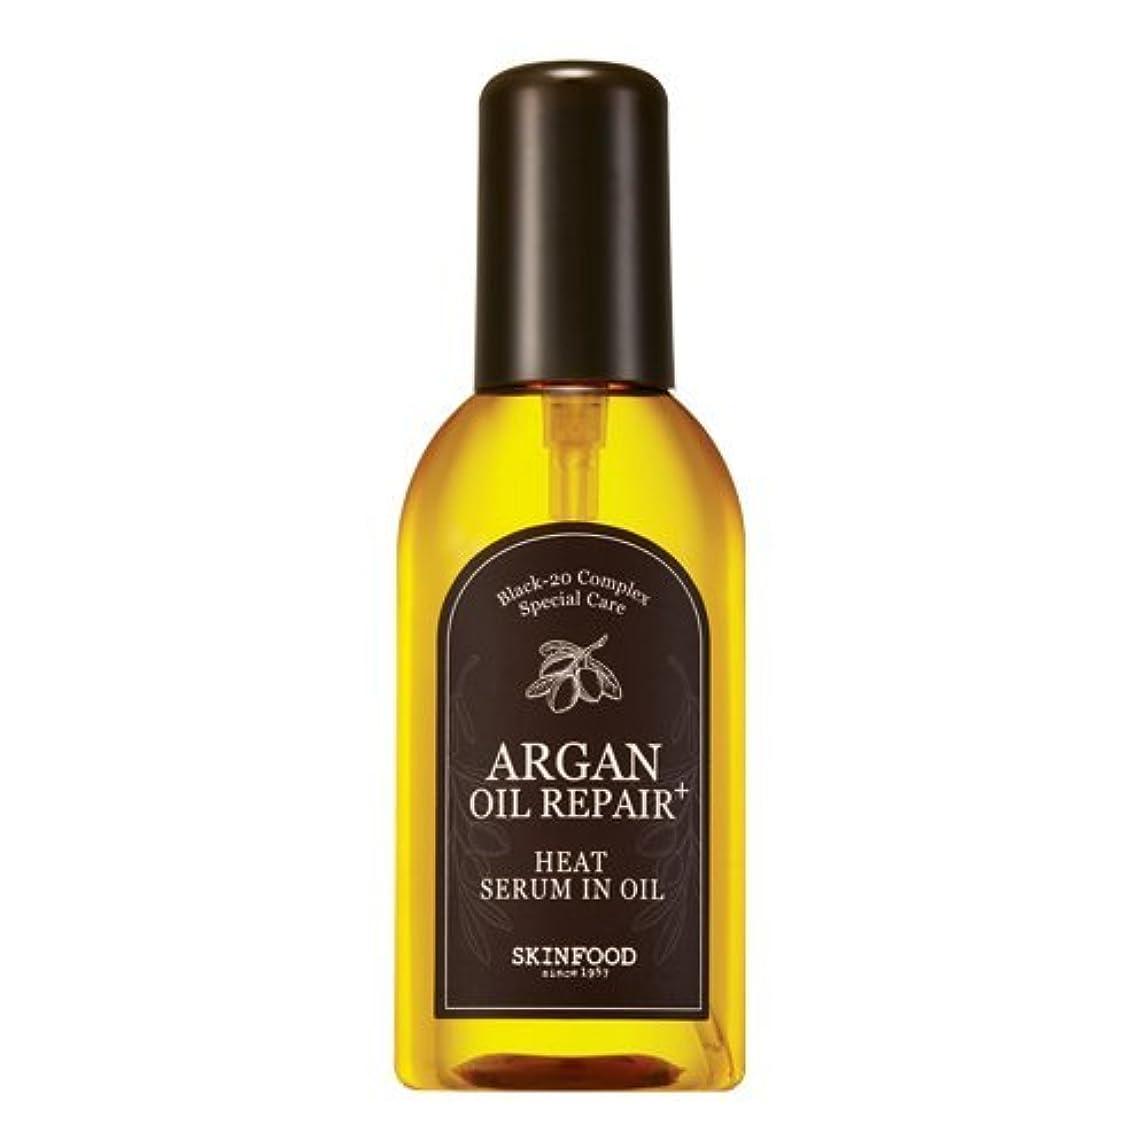 エンティティつかの間突然[1+1]SKINFOOD Argan Oil Repair Plus Heat Serum in Oil 100ml*2/スキンフード アルガンオイル リペア プラス ヒート セラム イン オイル 100ml*2 [並行輸入品]